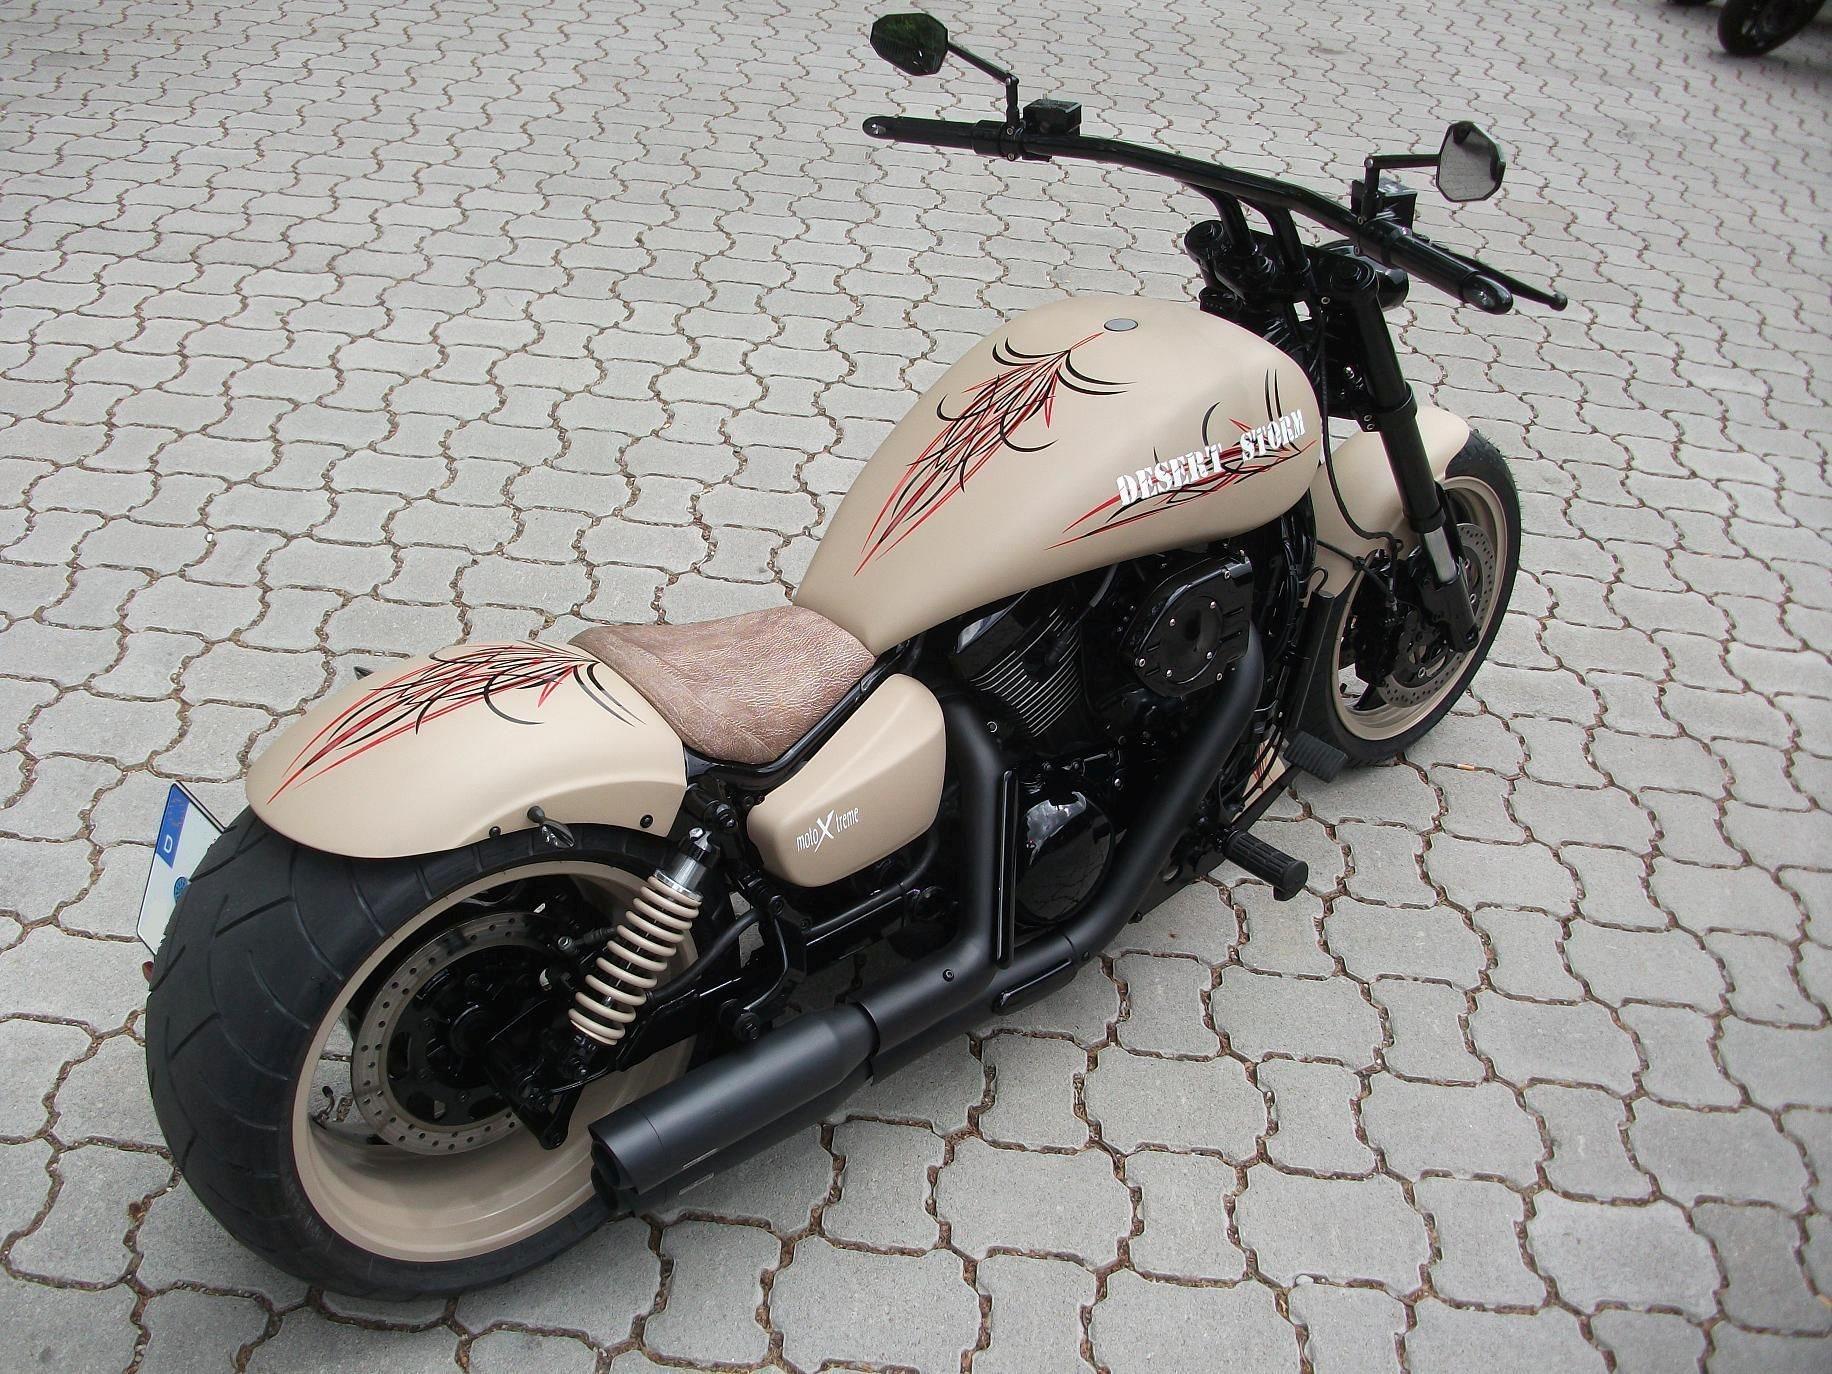 Kawasaki Vnd